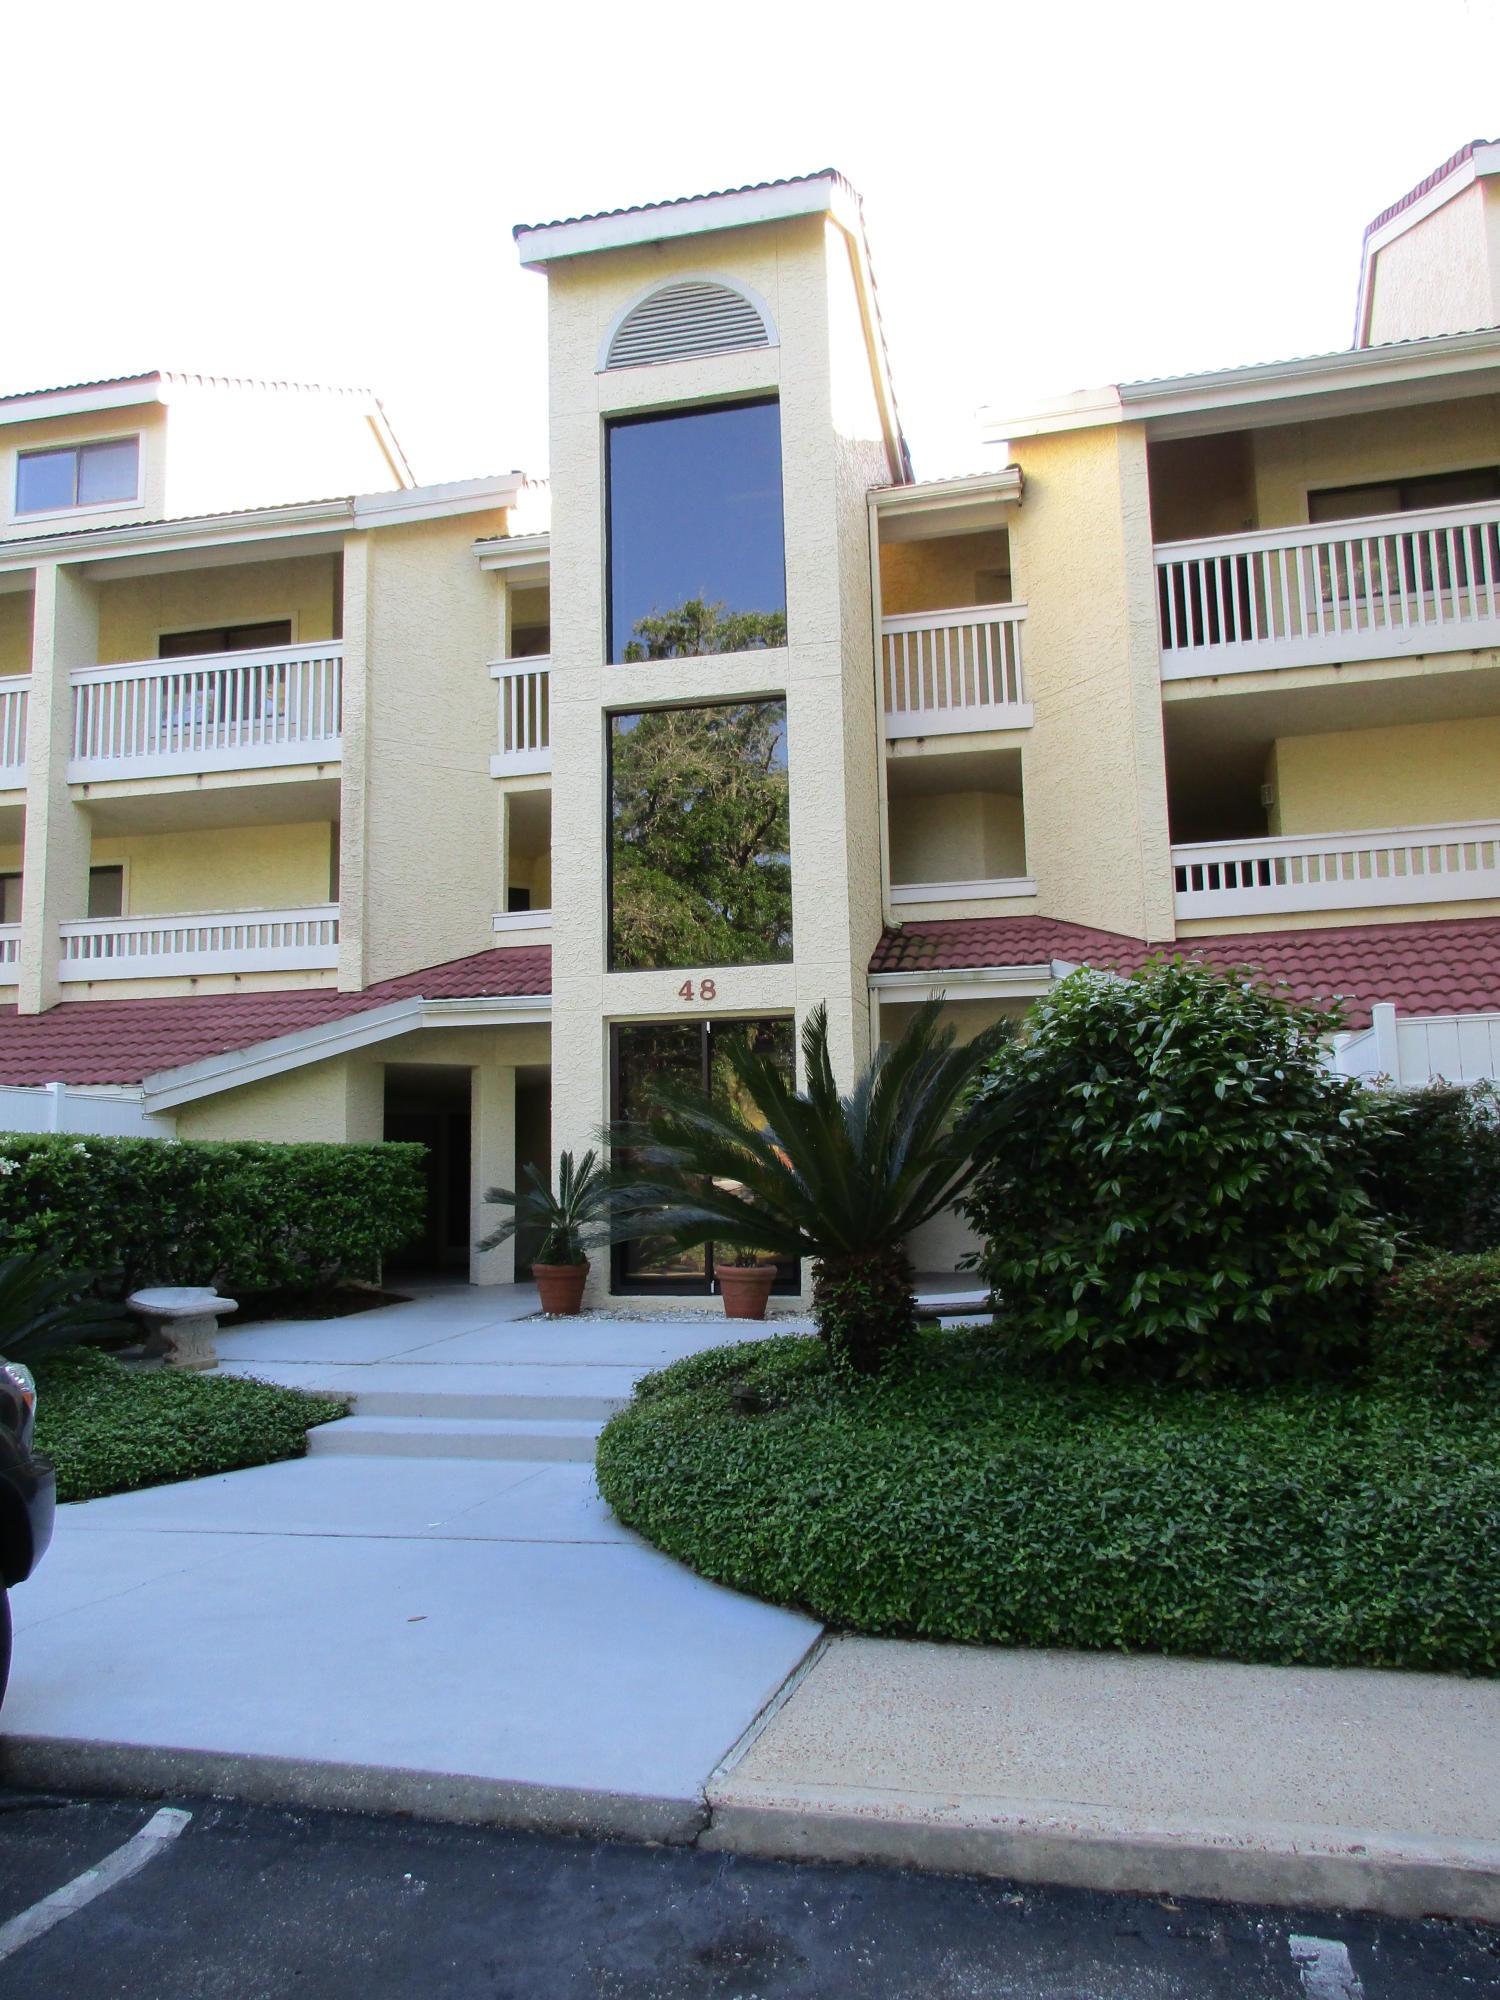 A 1 Bedroom 1 Bedroom Bay Villas Condos Rental